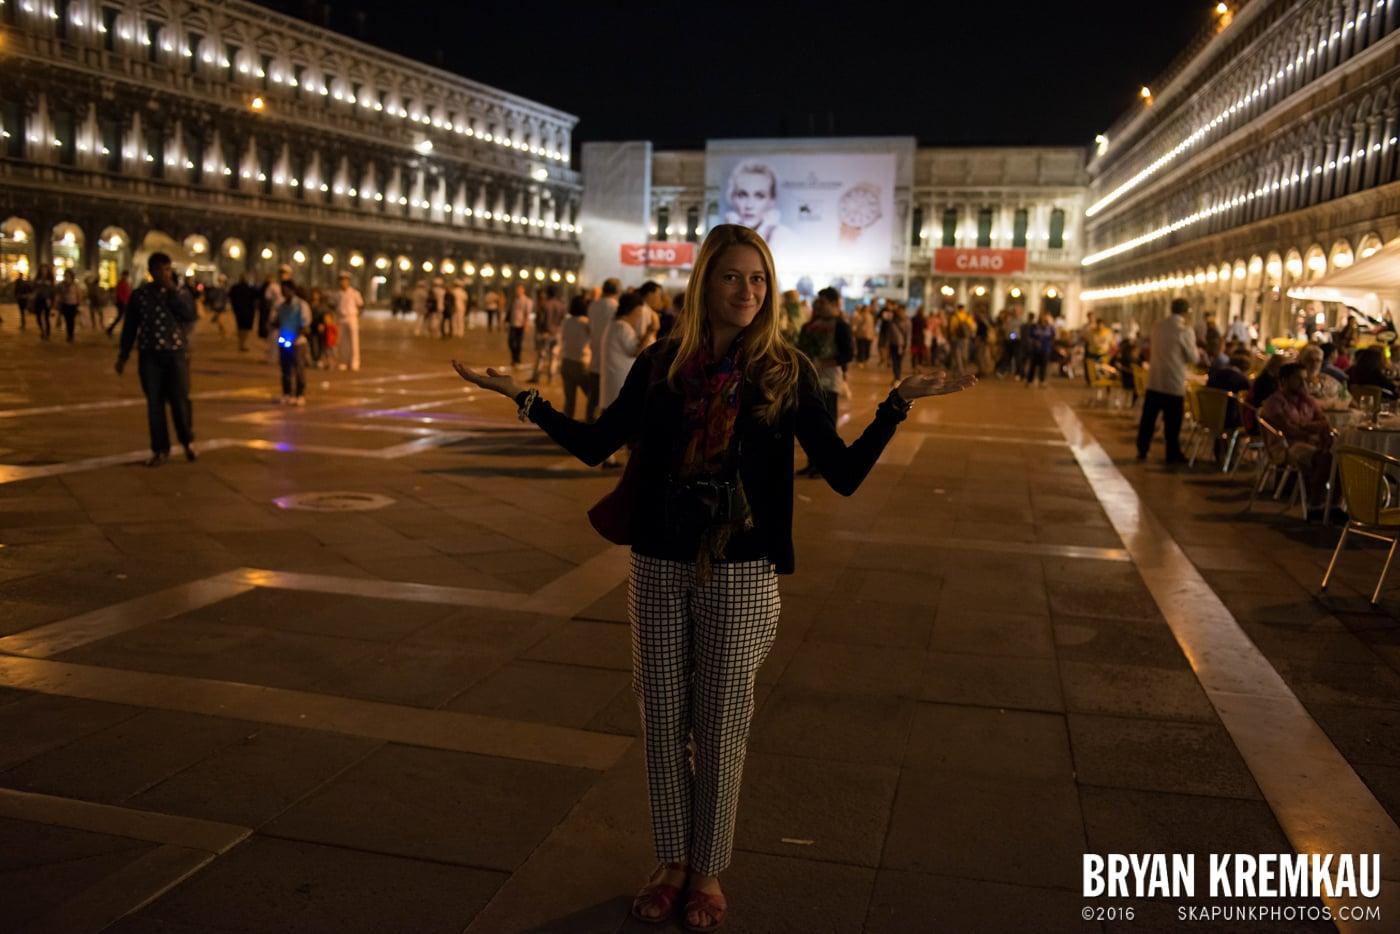 Italy Vacation - Day 6: Murano, Burano, Venice - 9.14.13 (7)